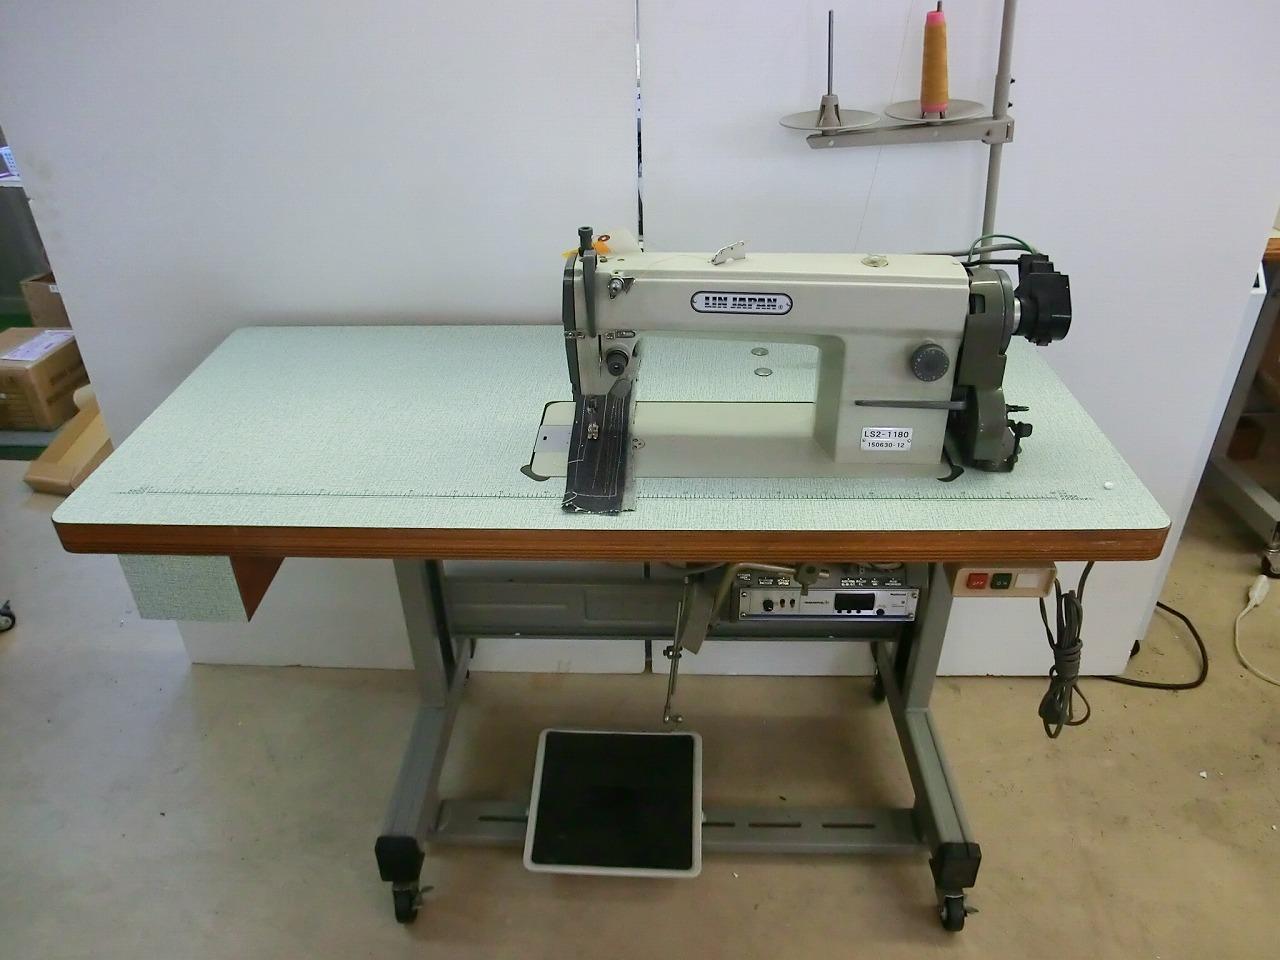 【中古】 三菱ミシン 1本針自動糸きり装置付き。 モデルNO-LS2-1180型 100v電源